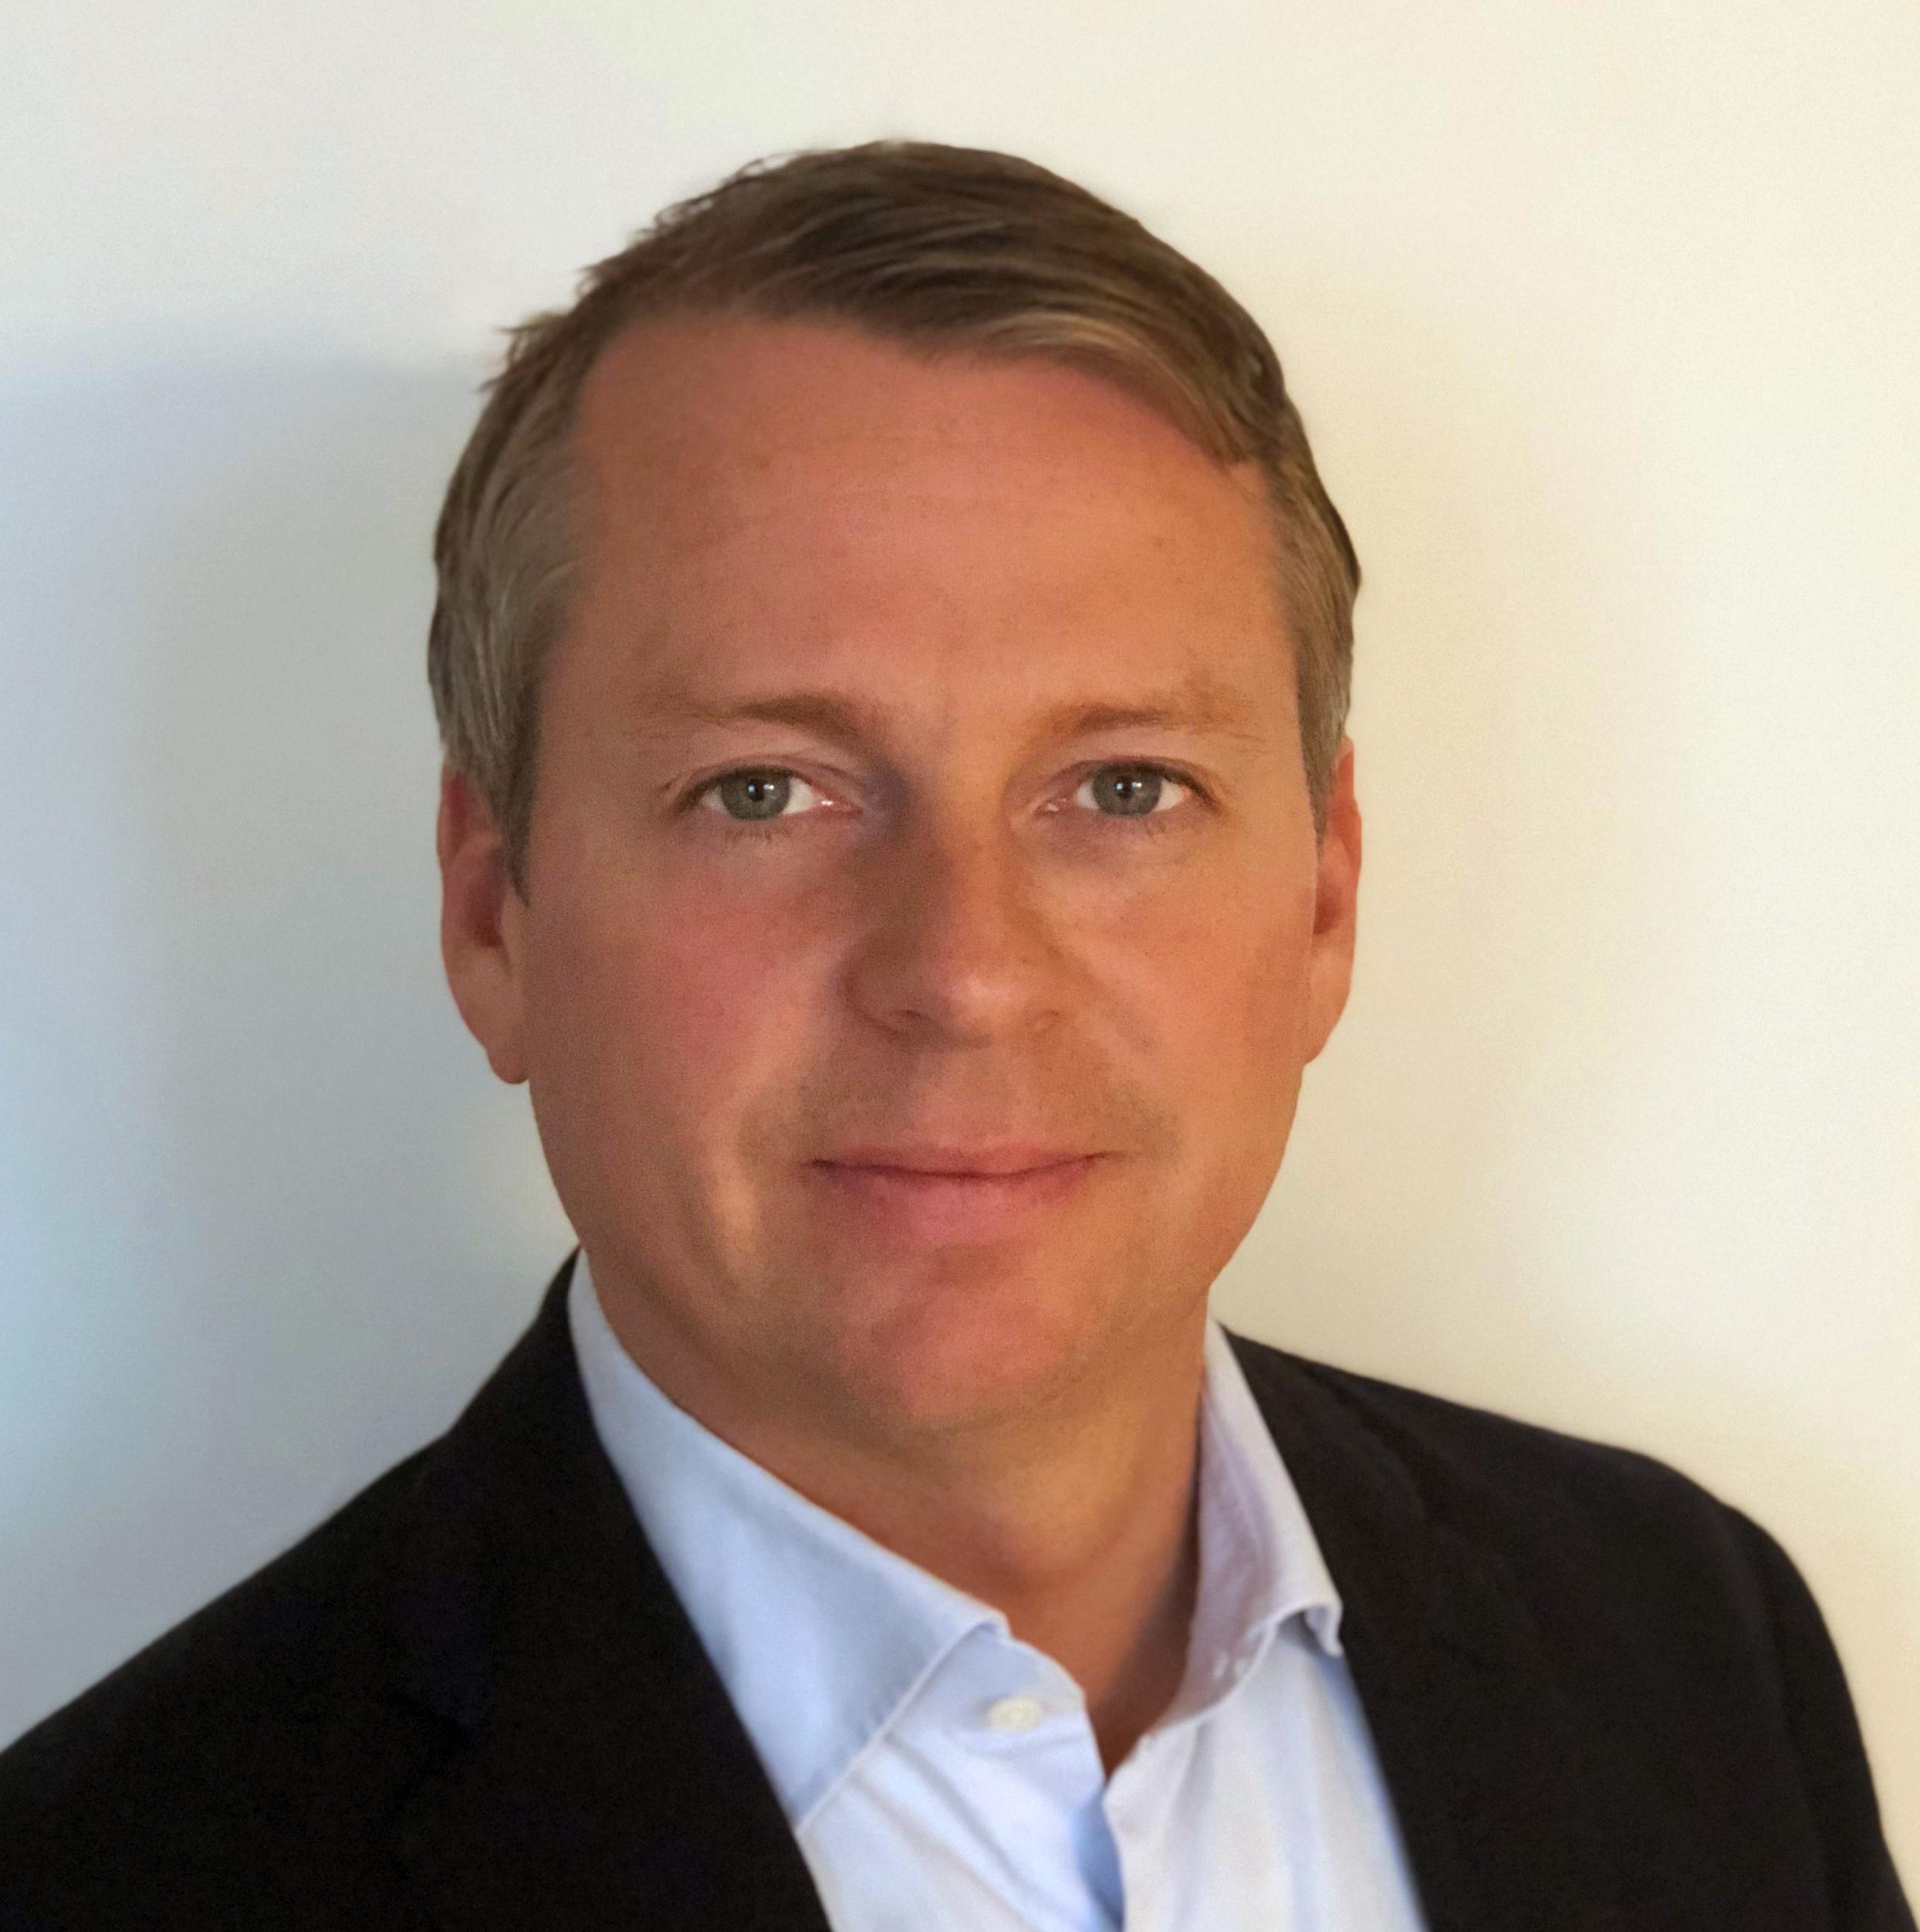 Bjarni Birkir Hardarson er tilbage som chef for Icelandair i Skandinavien og Finland. Foto: Icelandair.